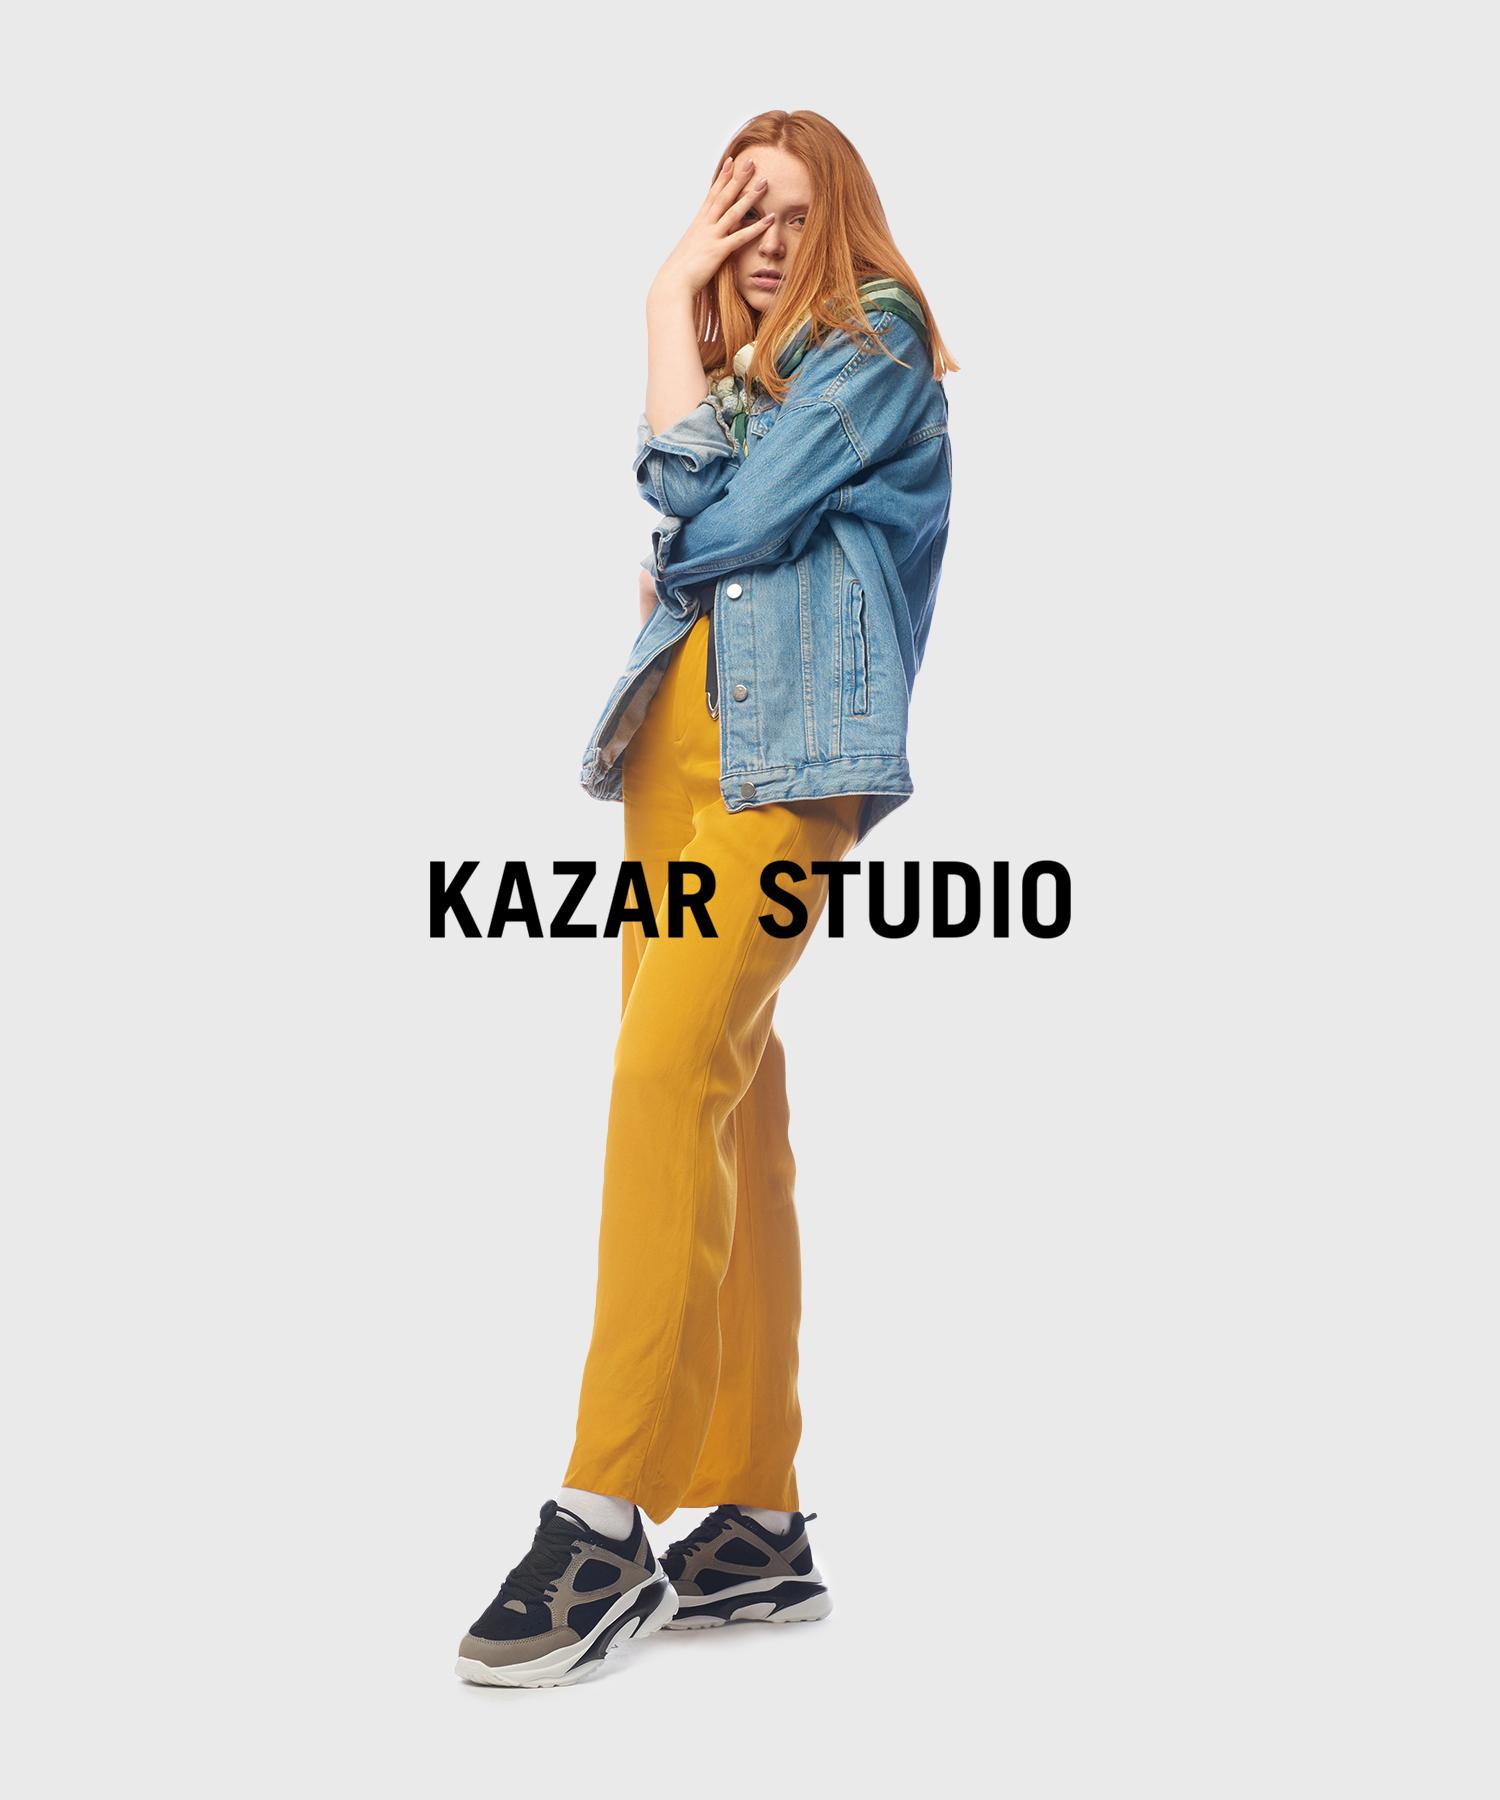 kazar studio00001.jpg